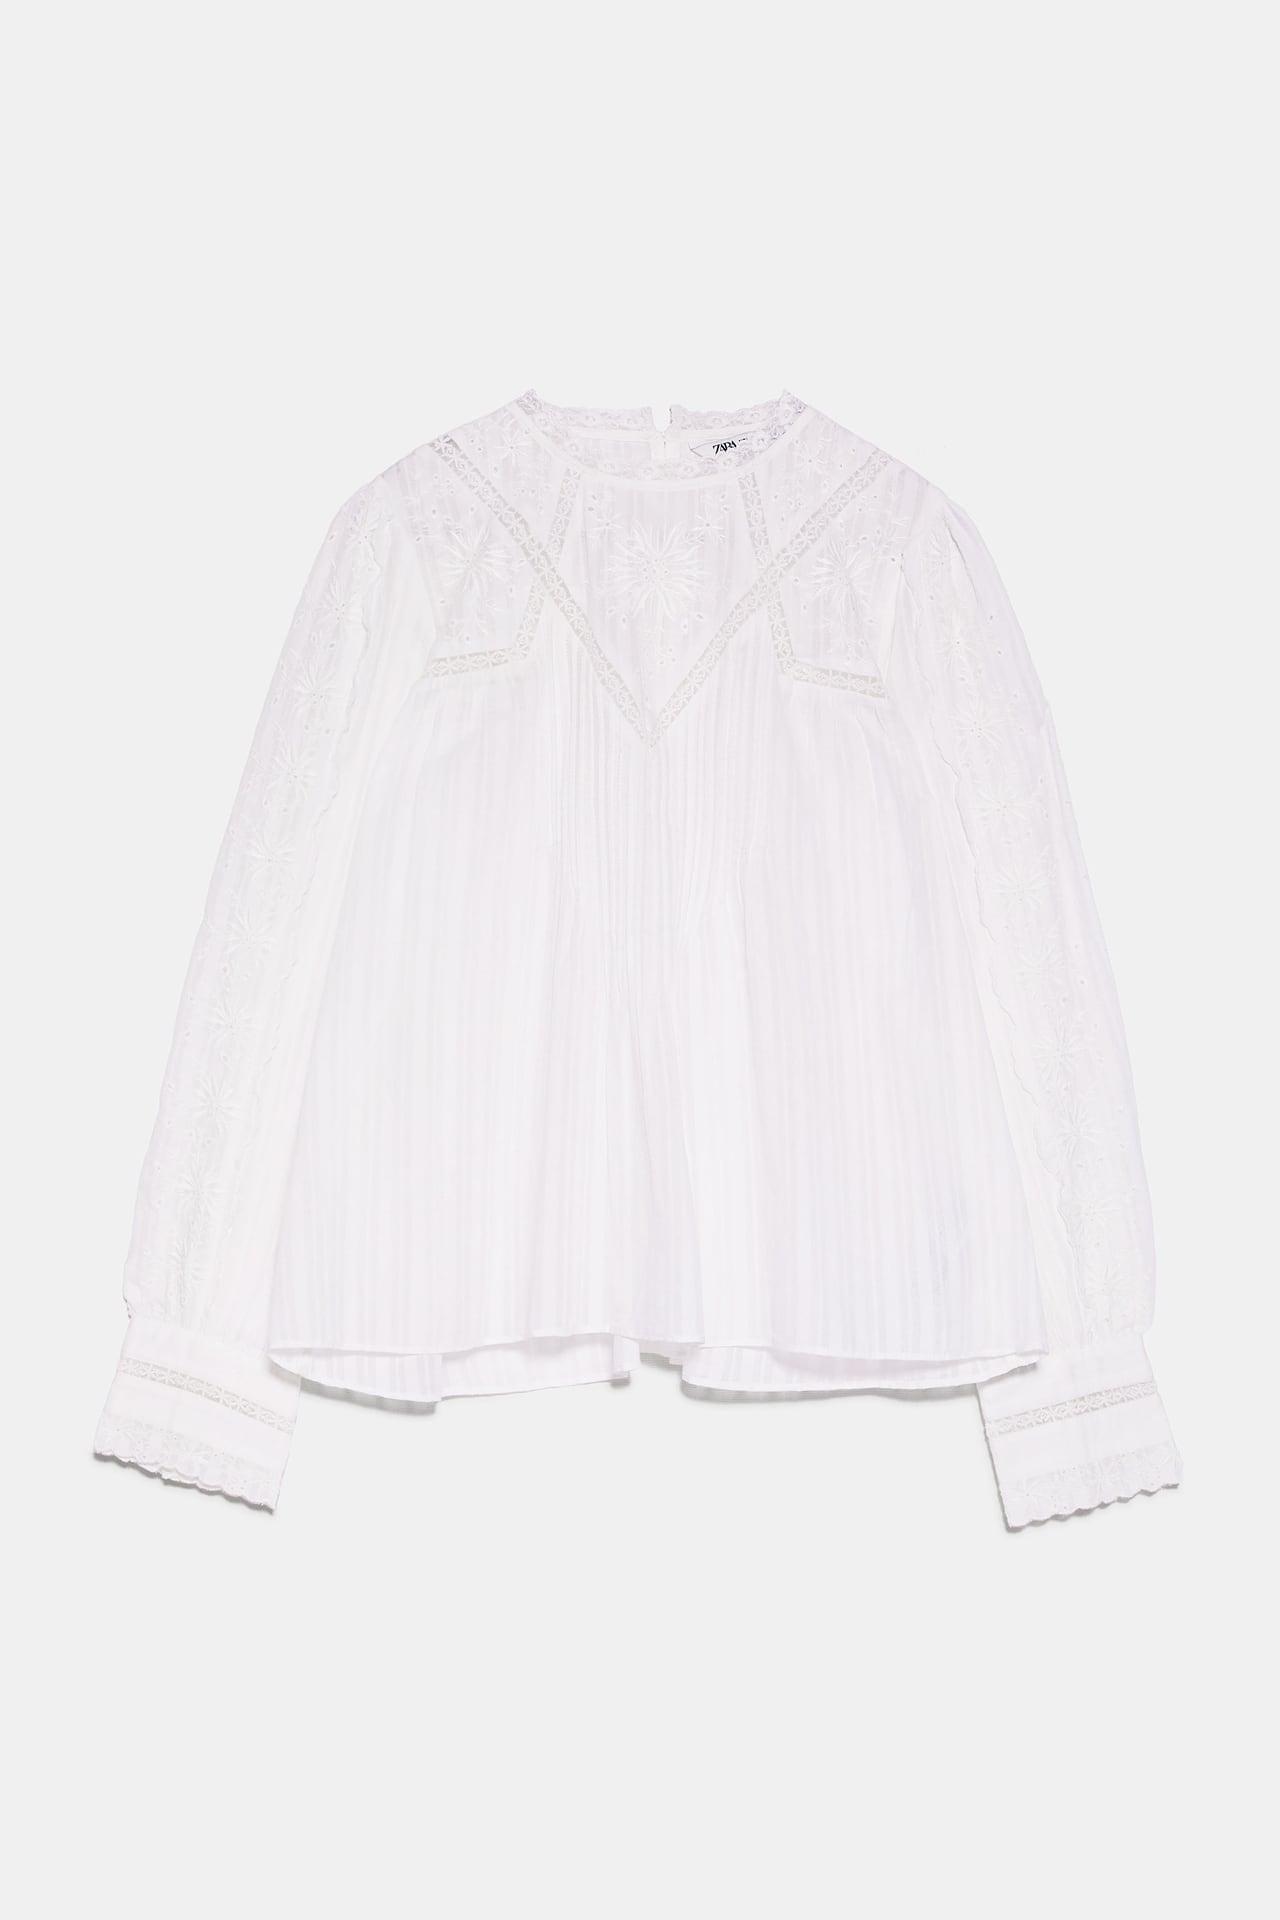 modna bluzka zara